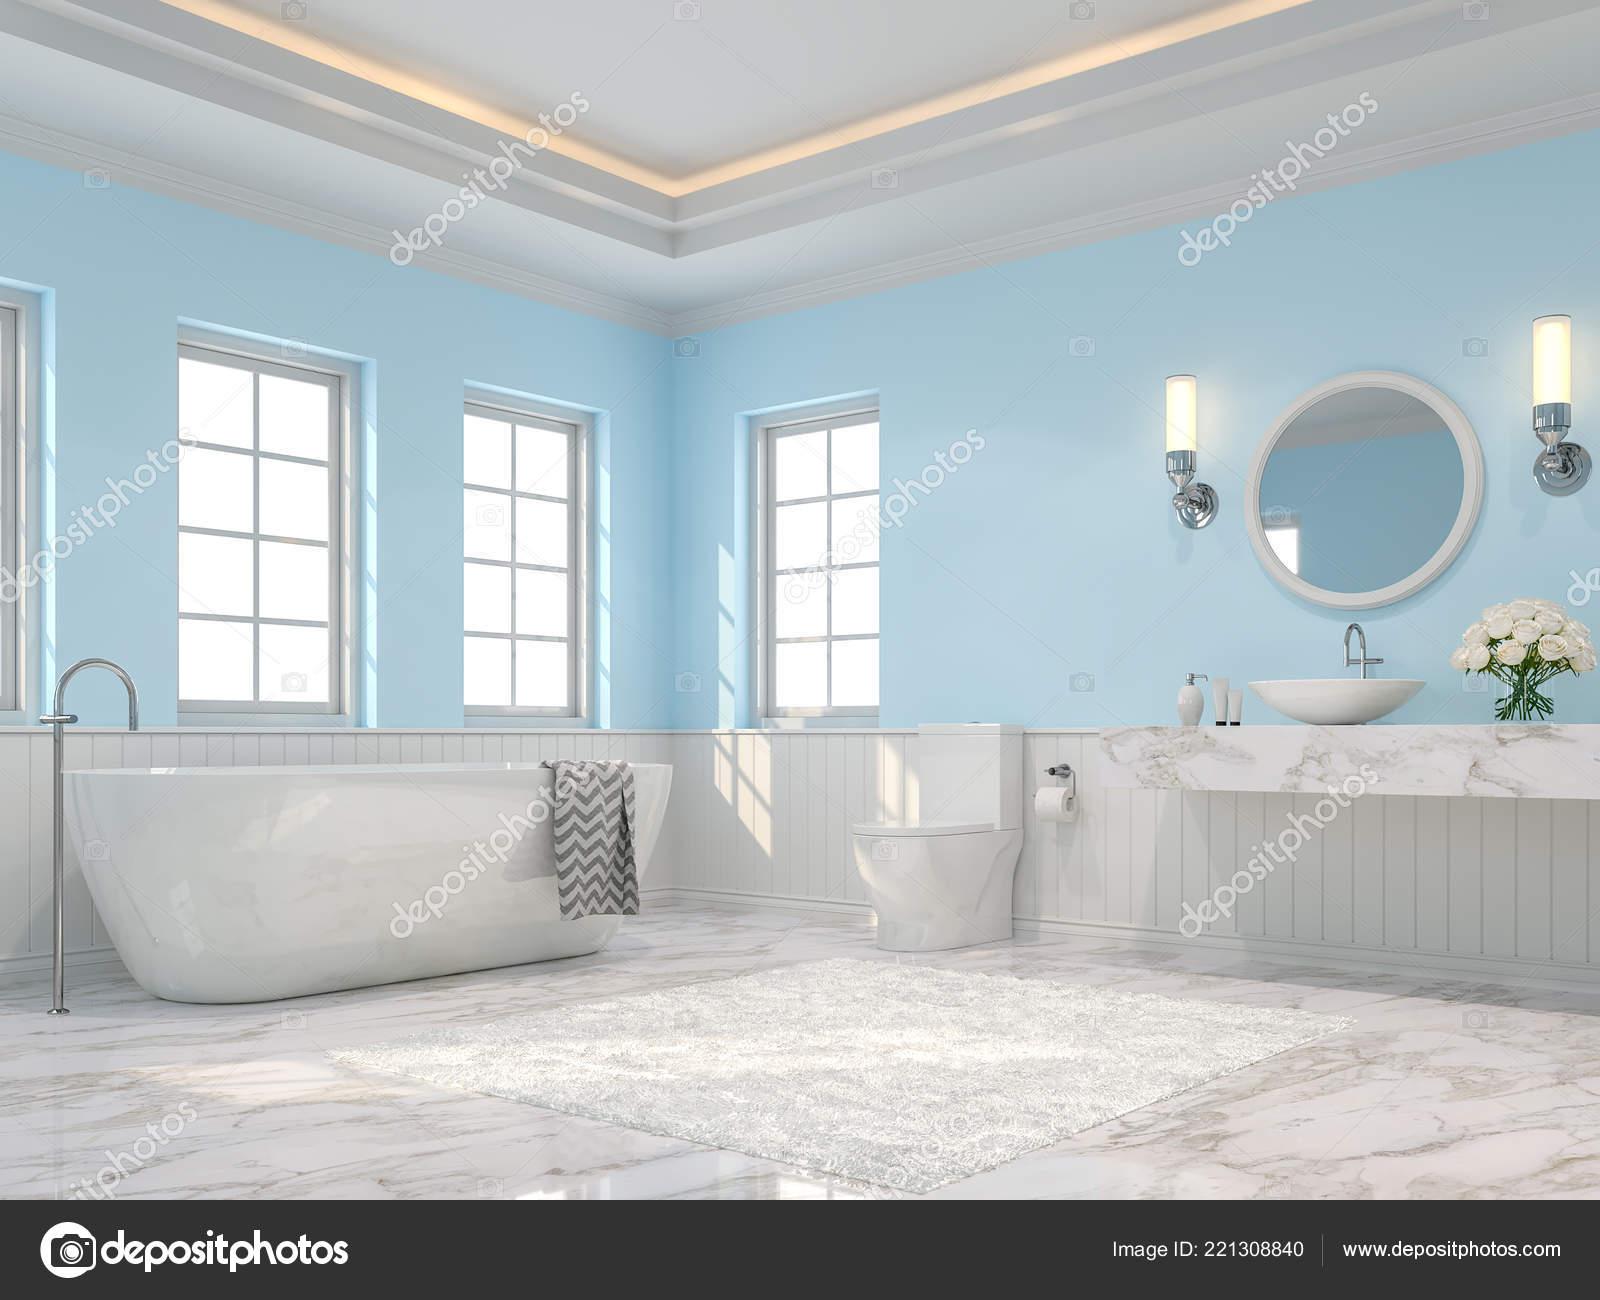 Rendu Luxe Salle Bain Sont Des Sol Marbre Blanc Mur — Photographie ...